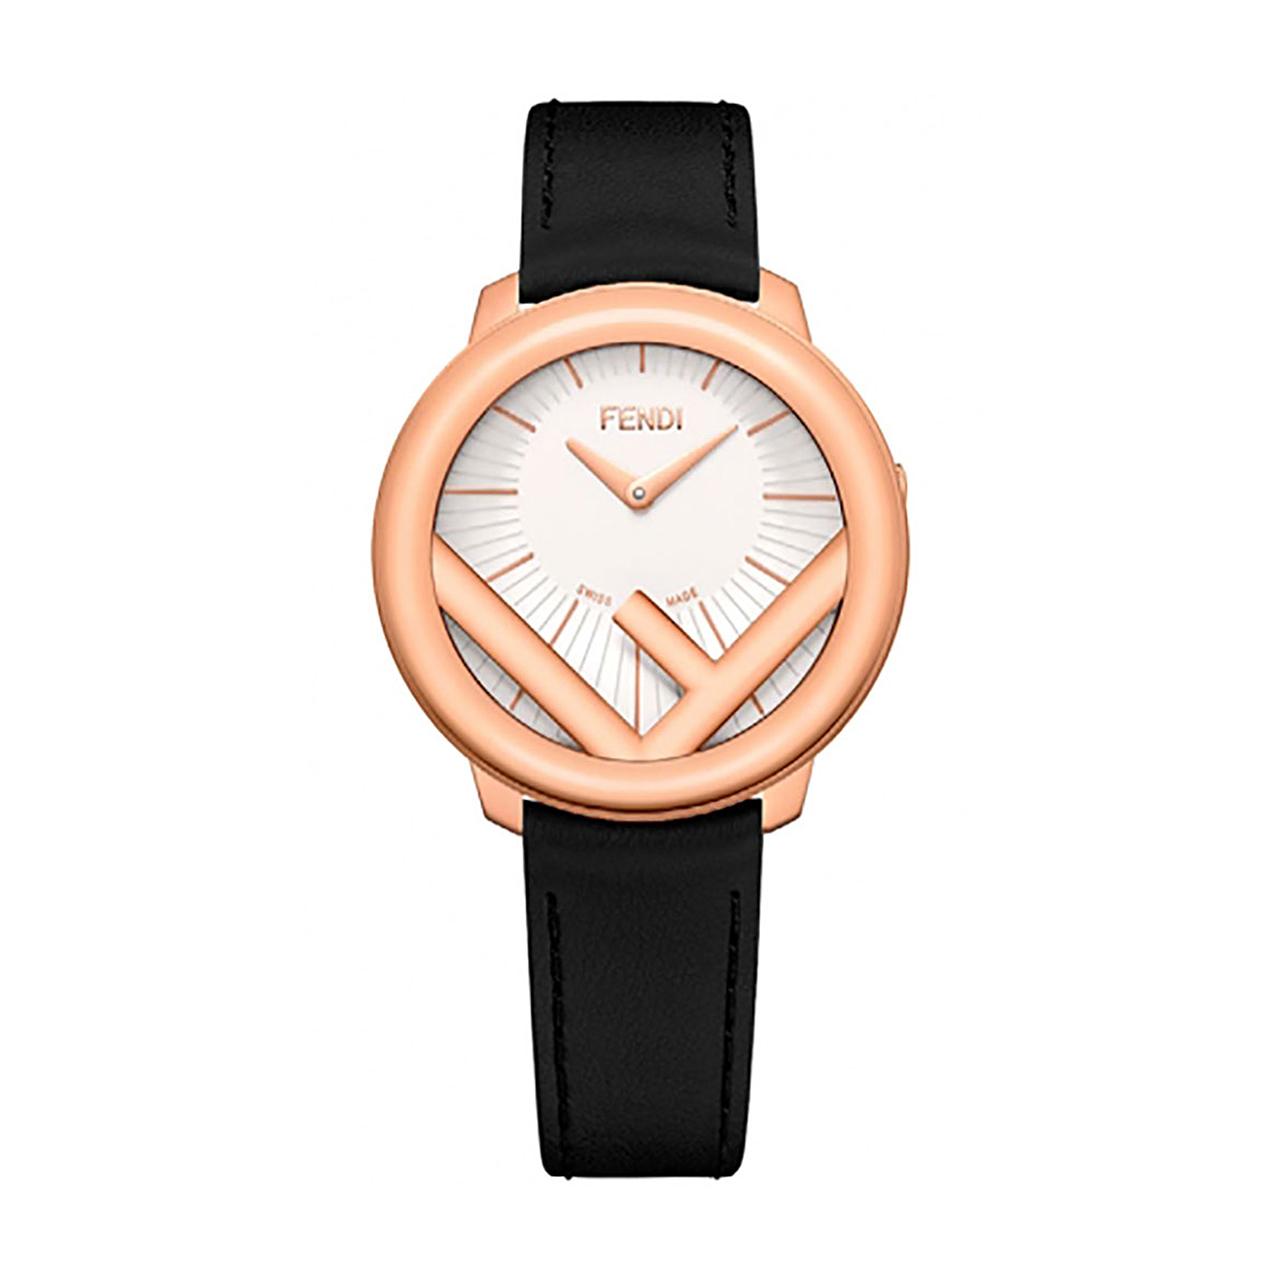 ساعت مچی عقربه ای زنانه فندی مدل F710534011